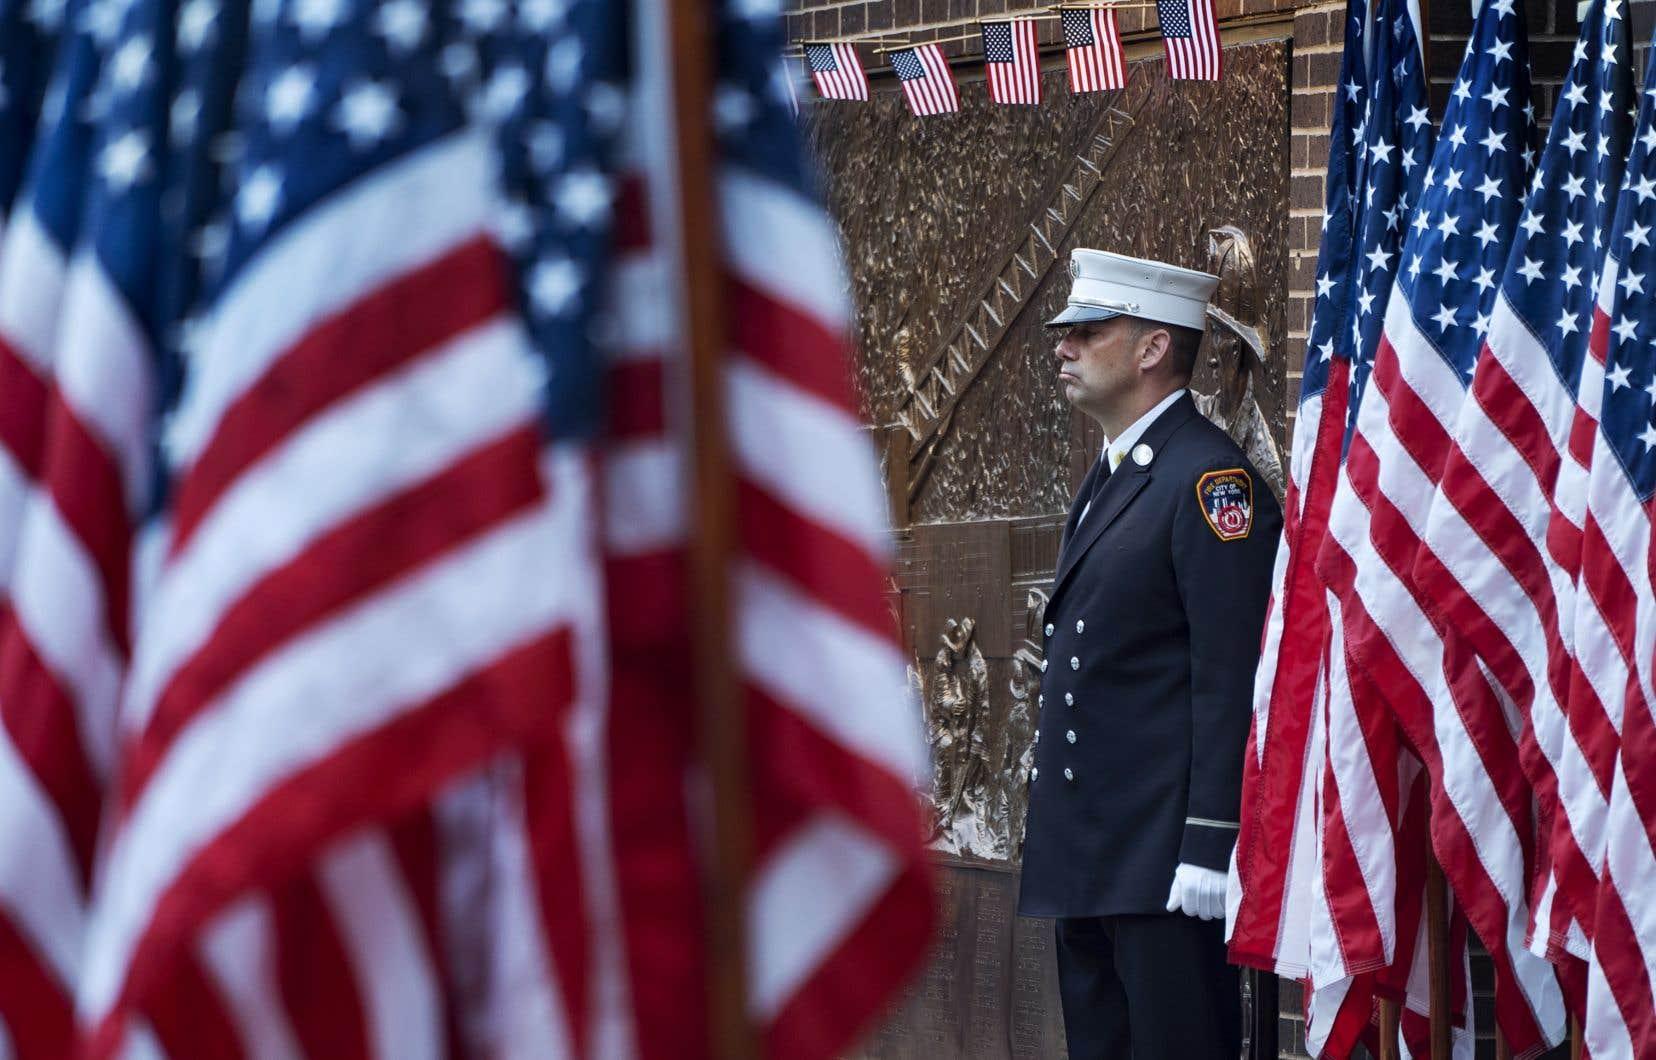 Dans la caserne adjacente au World Trade Center, comme dans toutes les casernes de pompiers new-yorkaises, on commémorait les attaques du 11 septembre 2001.